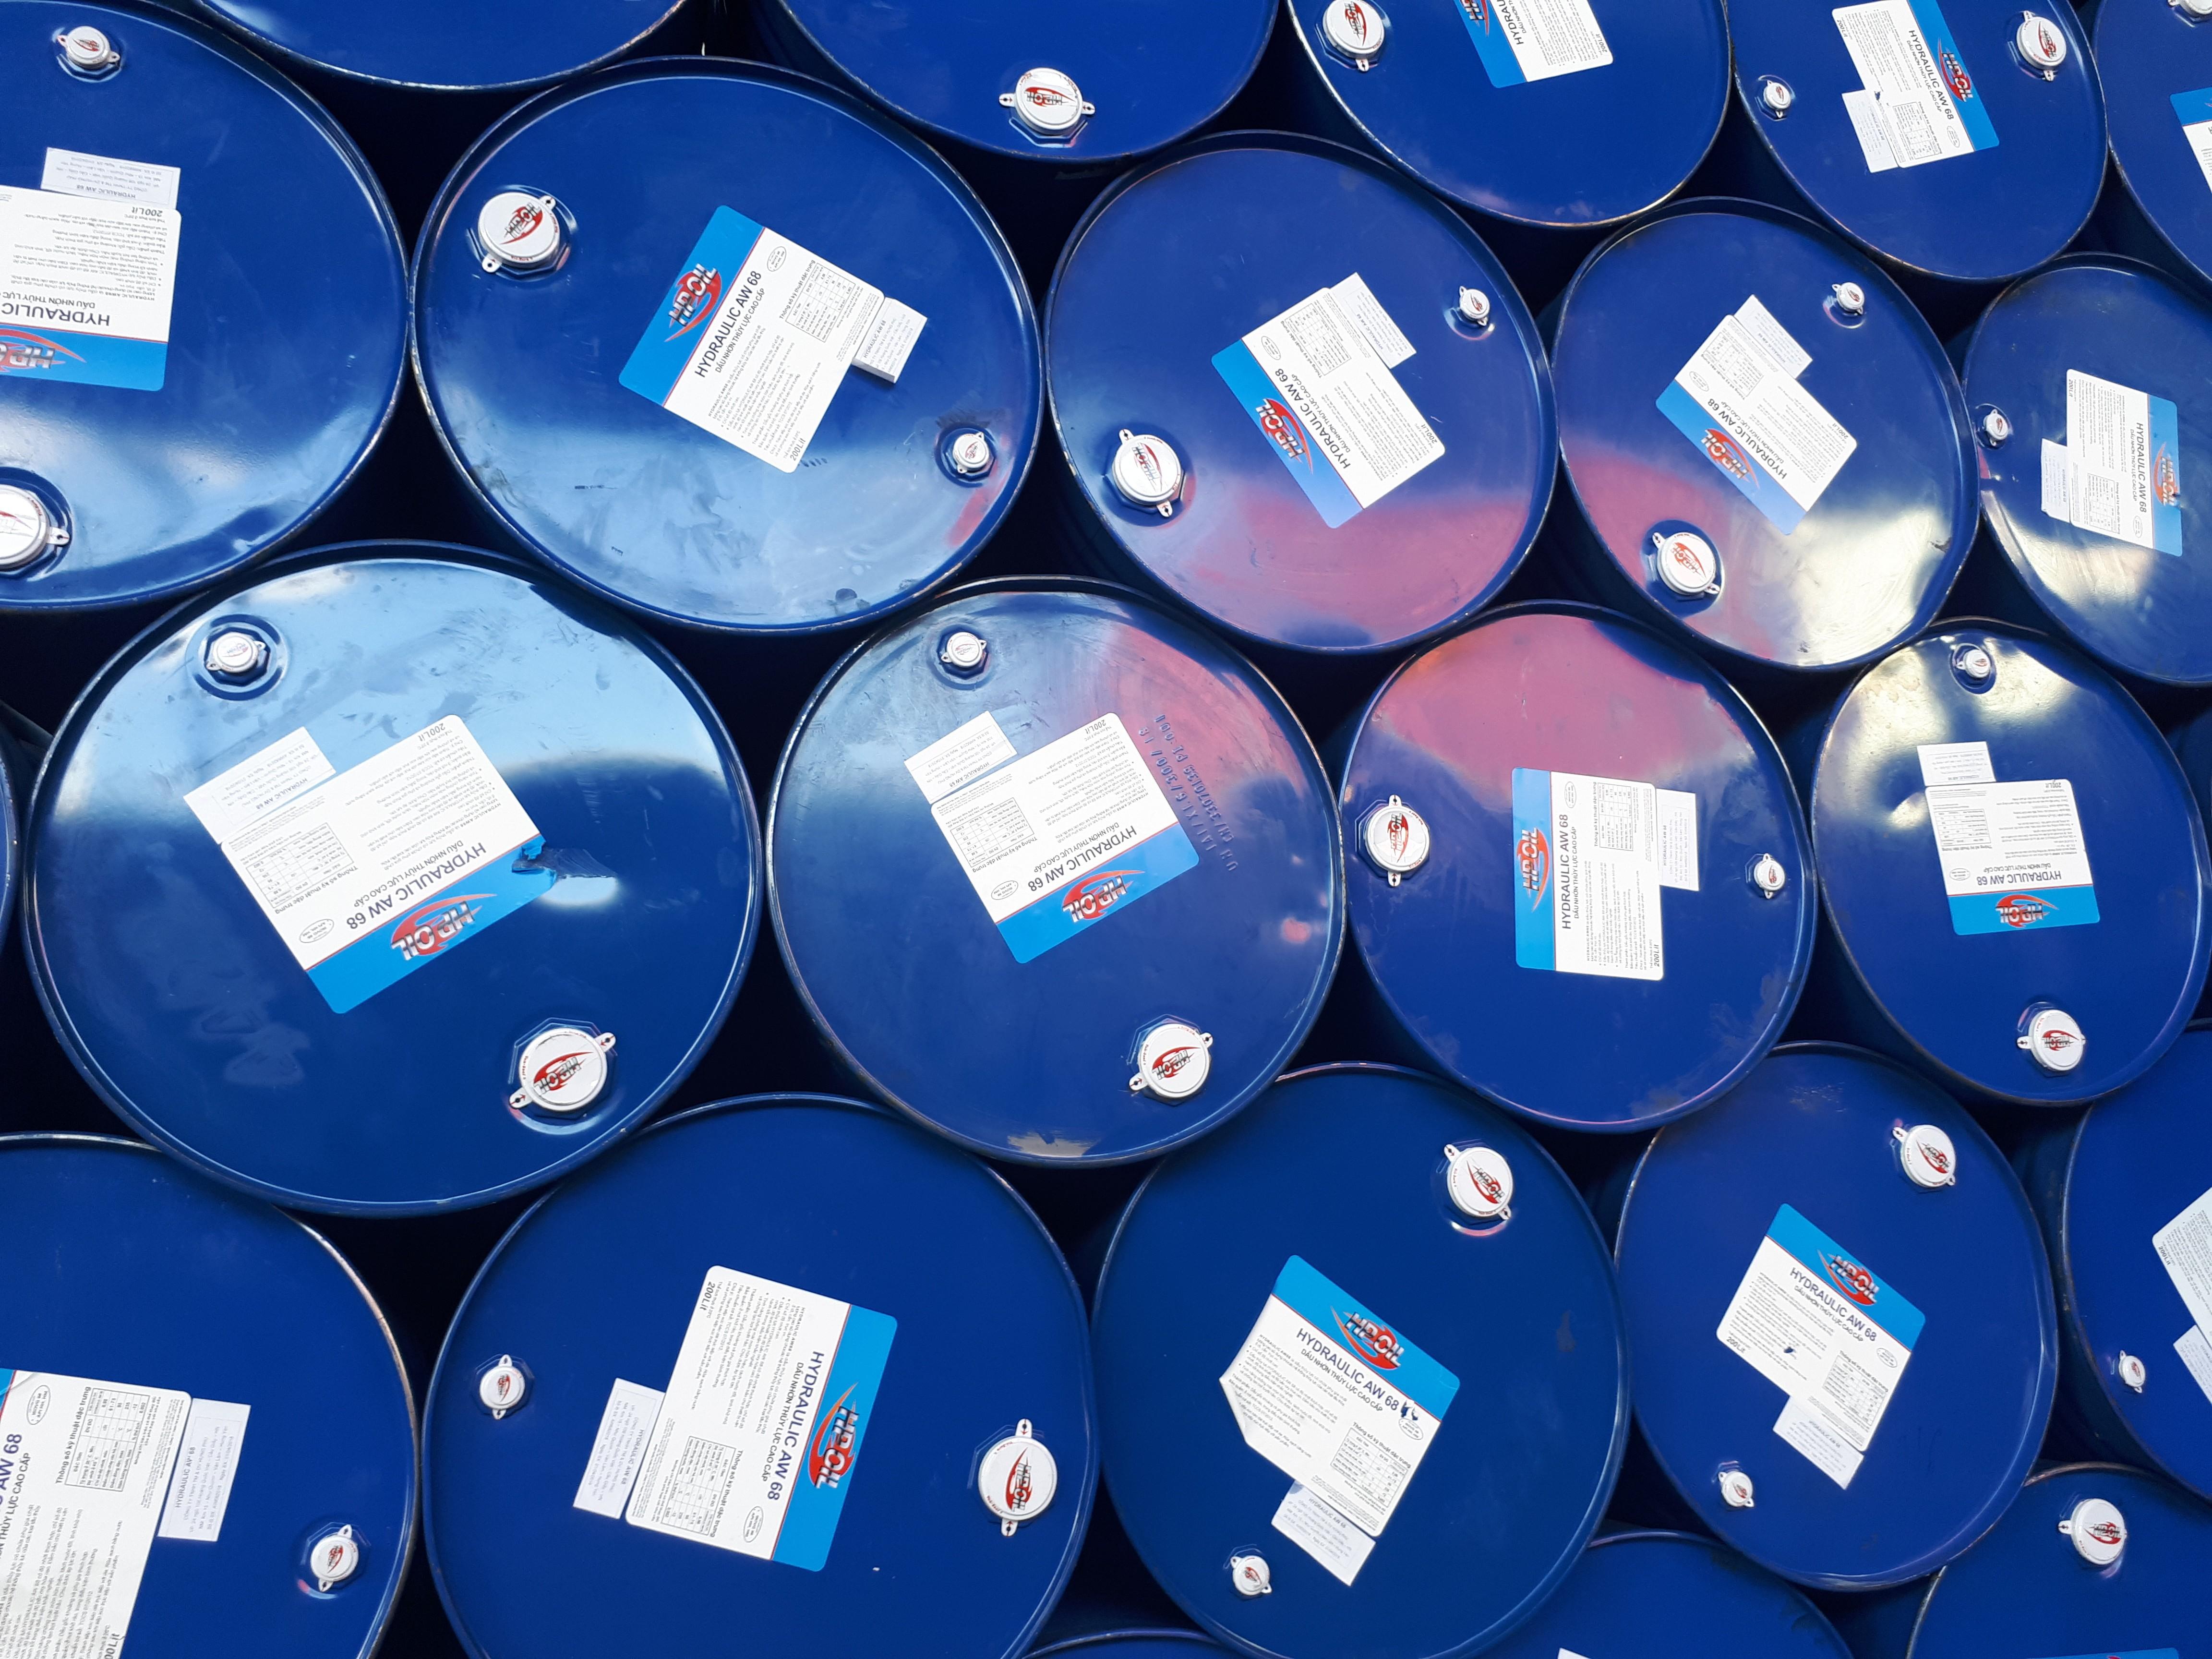 DẦU THỦY LỰC HP OIL HYDRAULIC AW 22